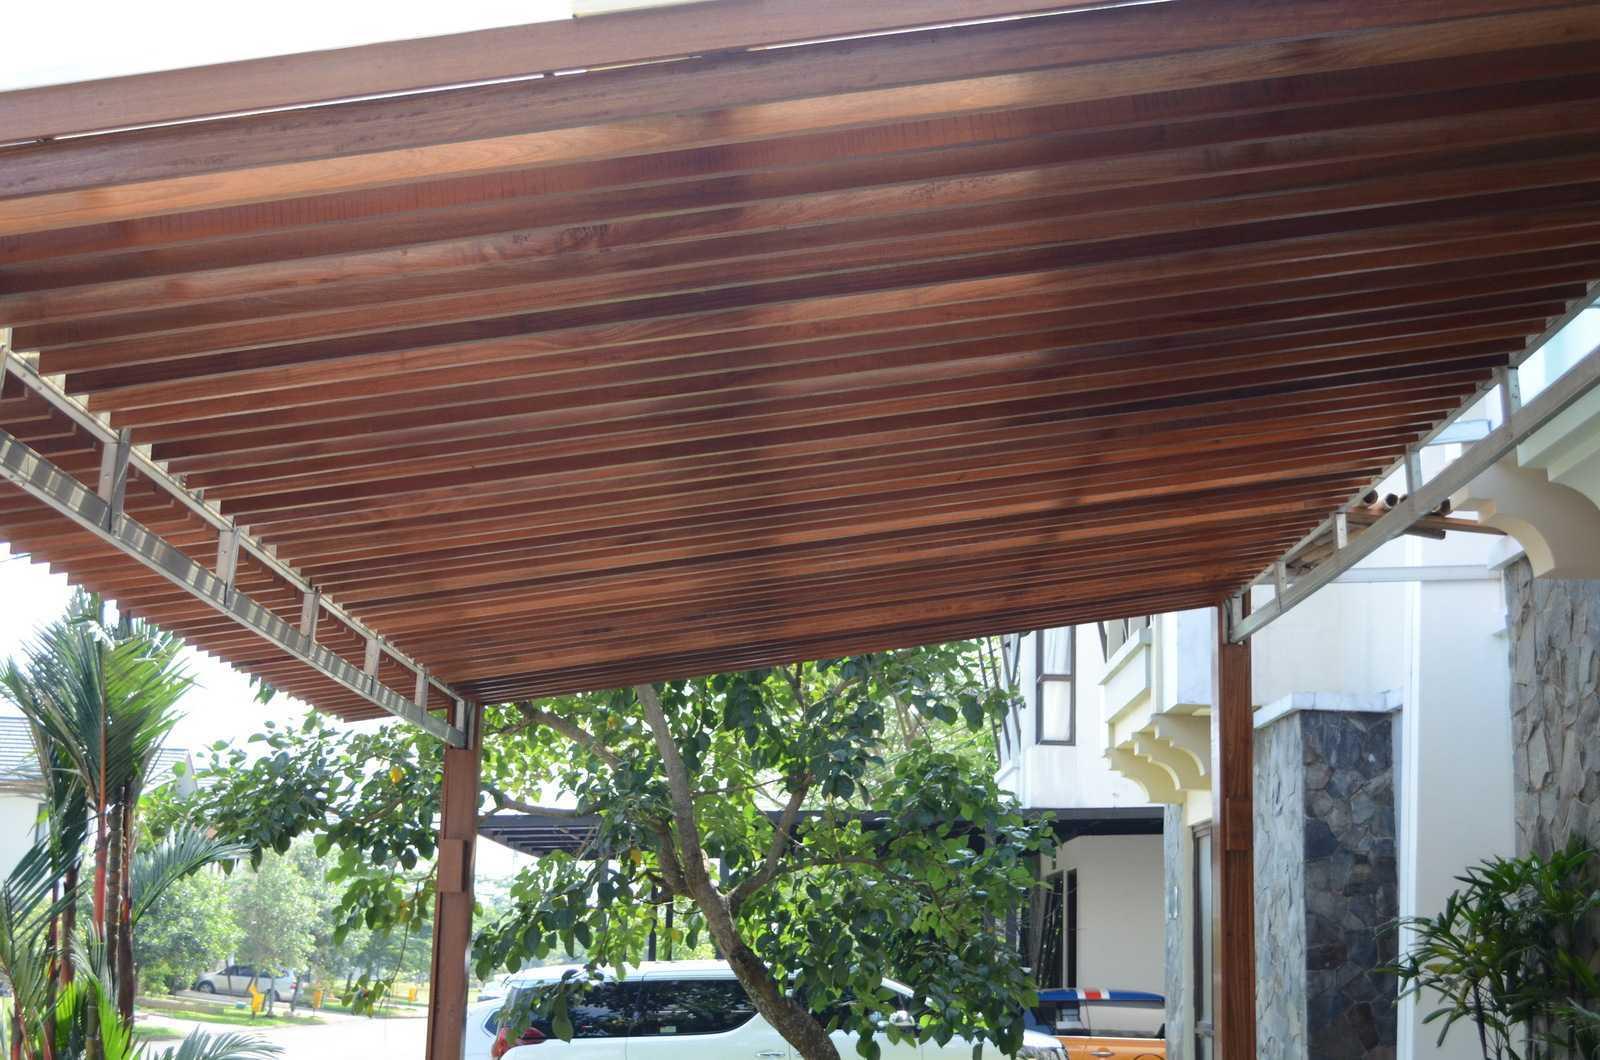 X3M Architects Nittaya A3 12 House Bsd, Tangerang Bsd, Tangerang Dsc0559 Tropis  28209